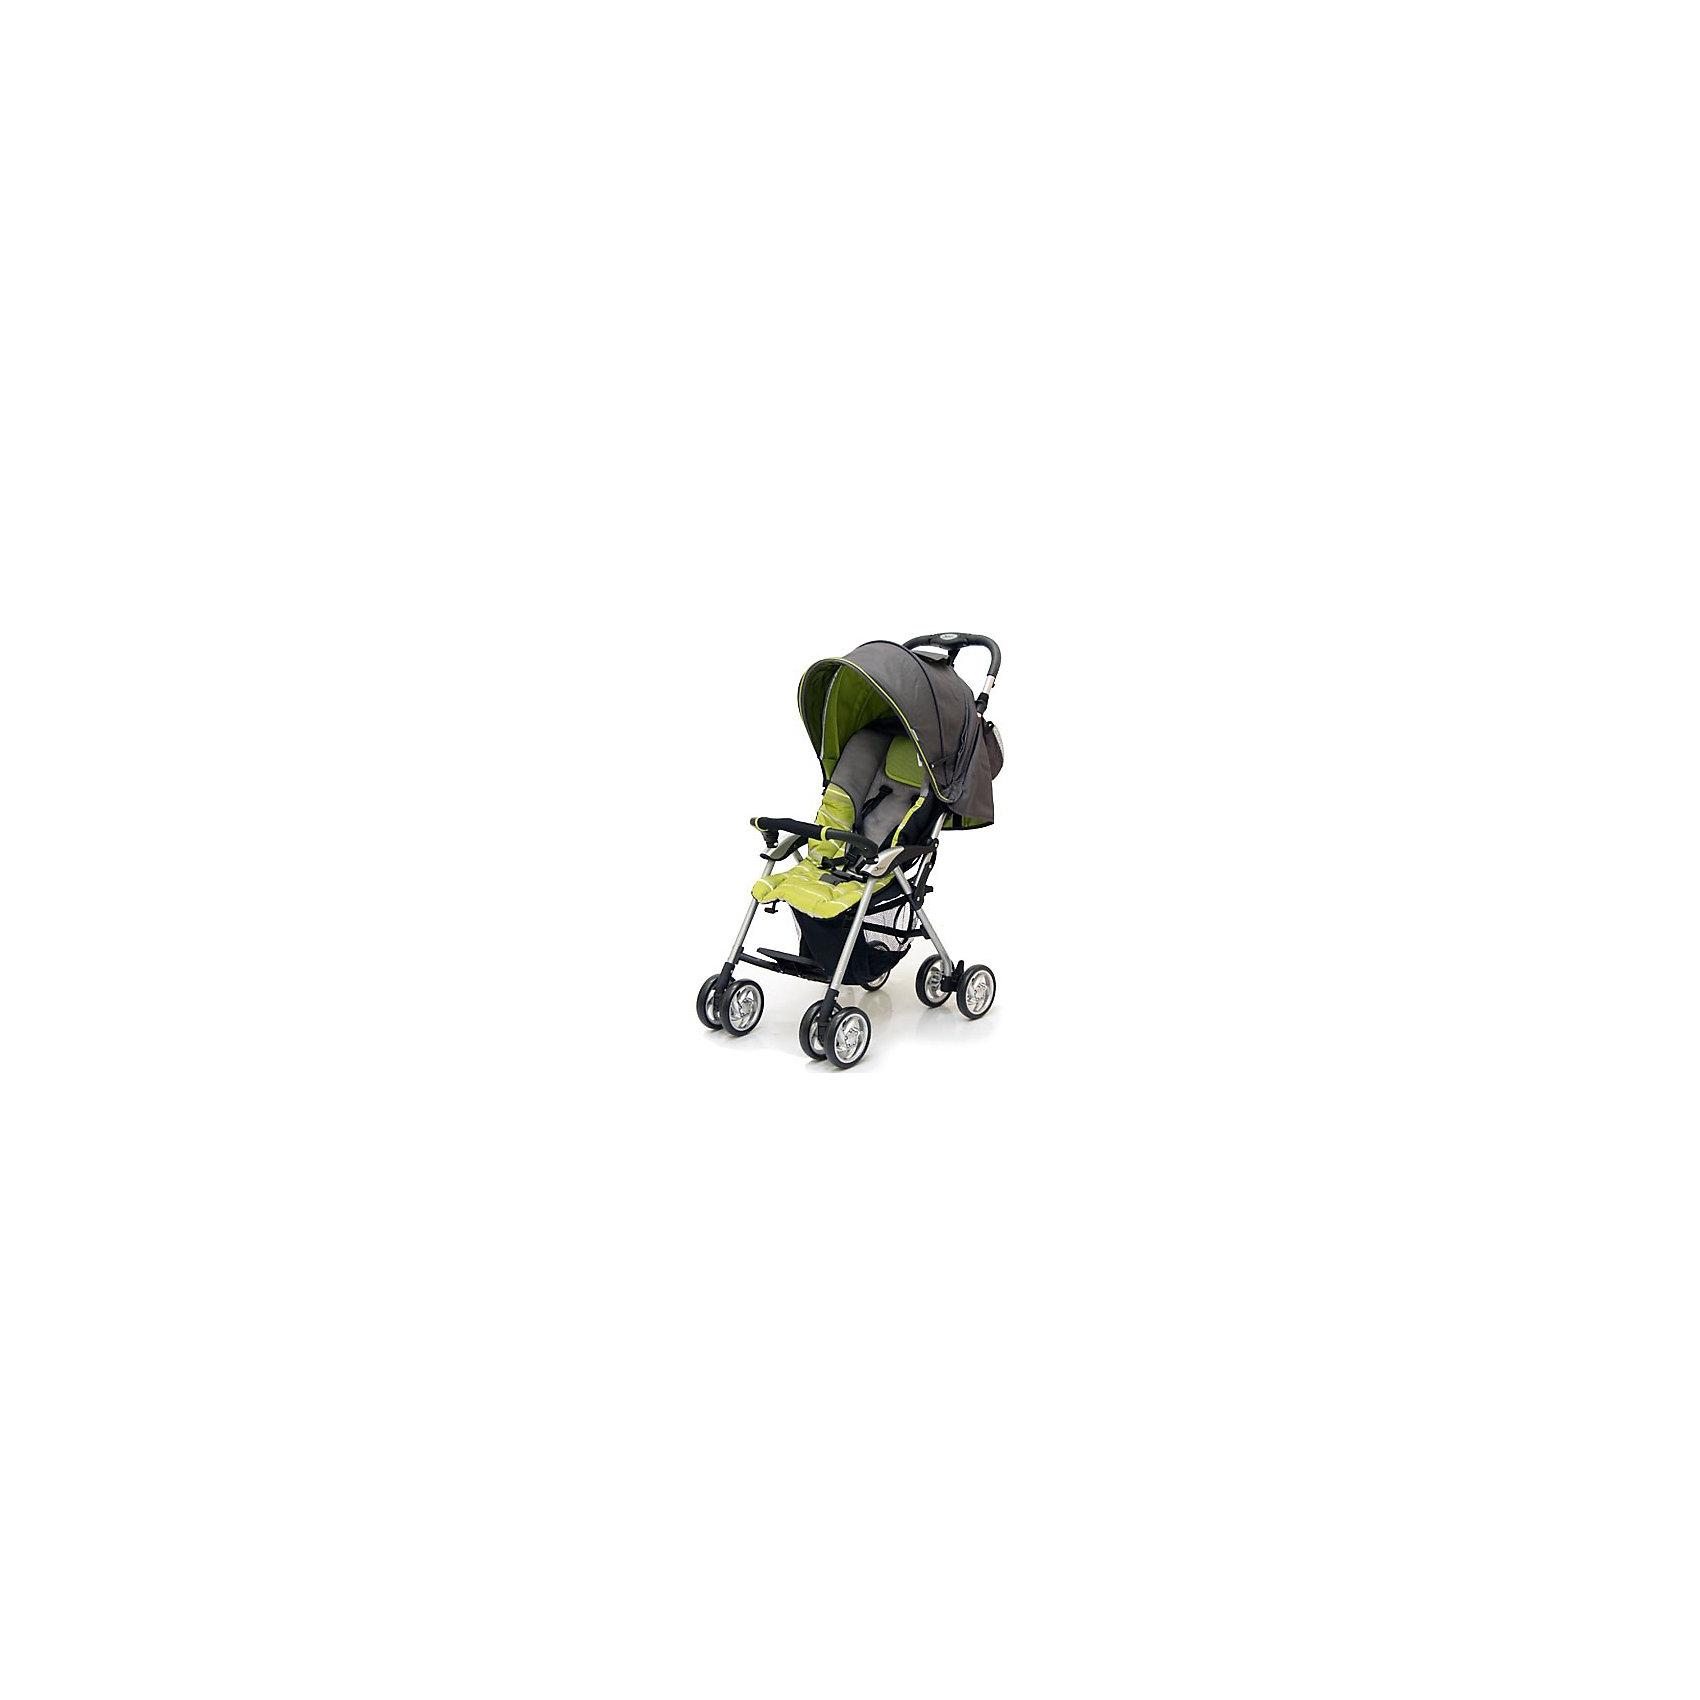 Прогулочная коляска Elegant, Jetem, темно-серый/зеленыйJetem Elegant – легкая коляска-трость, идеальный выбор для летних прогулок или поездки за город. Благодаря четырем парам сдвоенных колес, модель очень маневренна и устойчива. Большой капюшон опускается до бампера, жесткая спинка со встроенным матрасом регулируется по высоте, до практически горизонтального положения - это обеспечивает малышу комфортный отдых в любой ситуации. Кроме того, в комплект входит утепленная накидка на ноги и сумочка для аксессуаров. 5-титочечные ремни и съемный бампер обеспечивают удобное и безопасное размещение крохи. Коляска очень легко и удобно складывается, занимает мало места при хранении и транспортировке. Имеется удобная ручка для переноски и вместительная корзина для вещей внизу. <br><br>Дополнительная информация:<br><br>- Механизм складывания: трость.<br>- Комплектация: коляска, сумка для мамы, накидка на ноги.<br>- Материал: металл, пластик, текстиль, резина.<br>- Размер в сложенном виде: 15х30х98 см.<br>- Размер колесной базы: 40х53 см<br>- Размер сиденья: 33х20 см.<br>- Длина спального места: 60 см.<br>- Вес: 5,7<br>- Количество колес: 4 (сдвоенные).<br>- Диаметр колес: 14 см.<br>- Цвет: темно-серый, зеленый.<br>- Передние колеса поворотные, с возможностью блокировки.<br>- Система амортизации.<br>- Стояночный тормоз.<br>- 5-ти точечные ремни безопасности.<br>- Съемный бампер.<br>- Регулировка спинки в 3 положениях (максимальный наклон 170 градусов).<br>- Солнцезащитный козырек.<br>- Вместительная корзина для покупок.<br><br>Прогулочную коляску Elegant, Jetem (Жетем), темно-серую/зеленую, можно купить в нашем магазине.<br><br>Ширина мм: 940<br>Глубина мм: 280<br>Высота мм: 200<br>Вес г: 6700<br>Возраст от месяцев: 6<br>Возраст до месяцев: 36<br>Пол: Унисекс<br>Возраст: Детский<br>SKU: 3995805